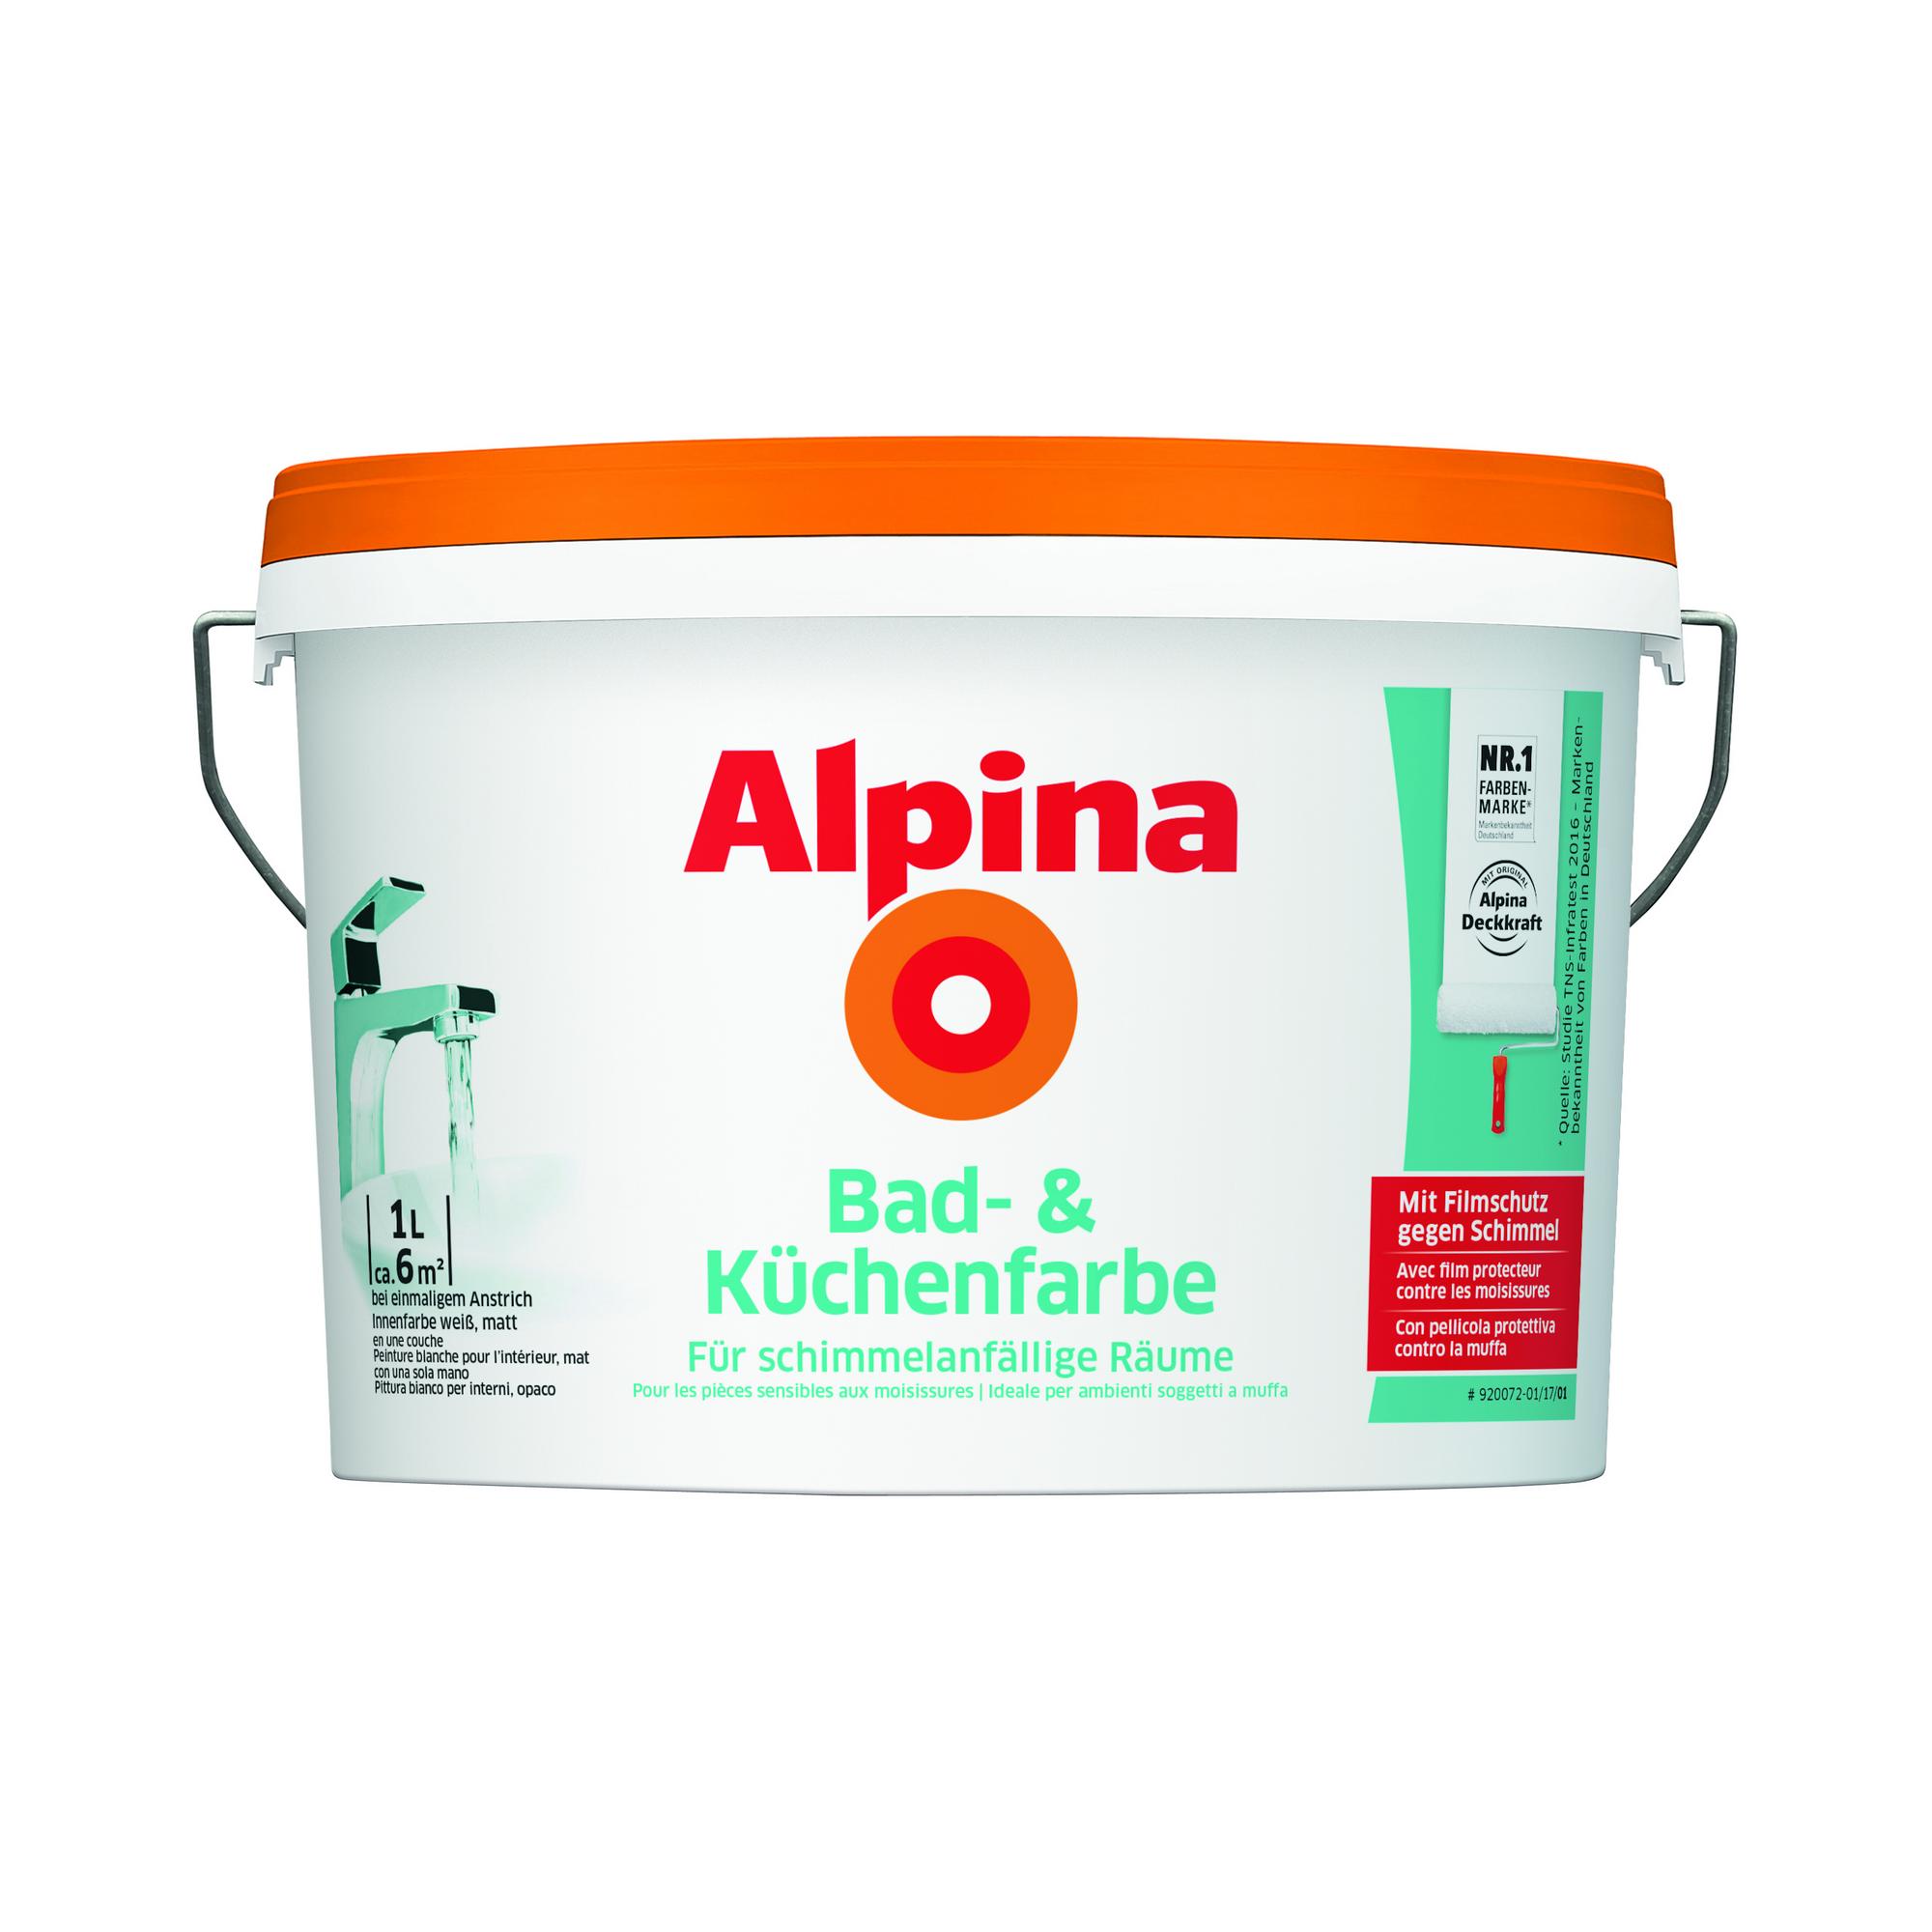 Alpina Bad Küchenfarbe